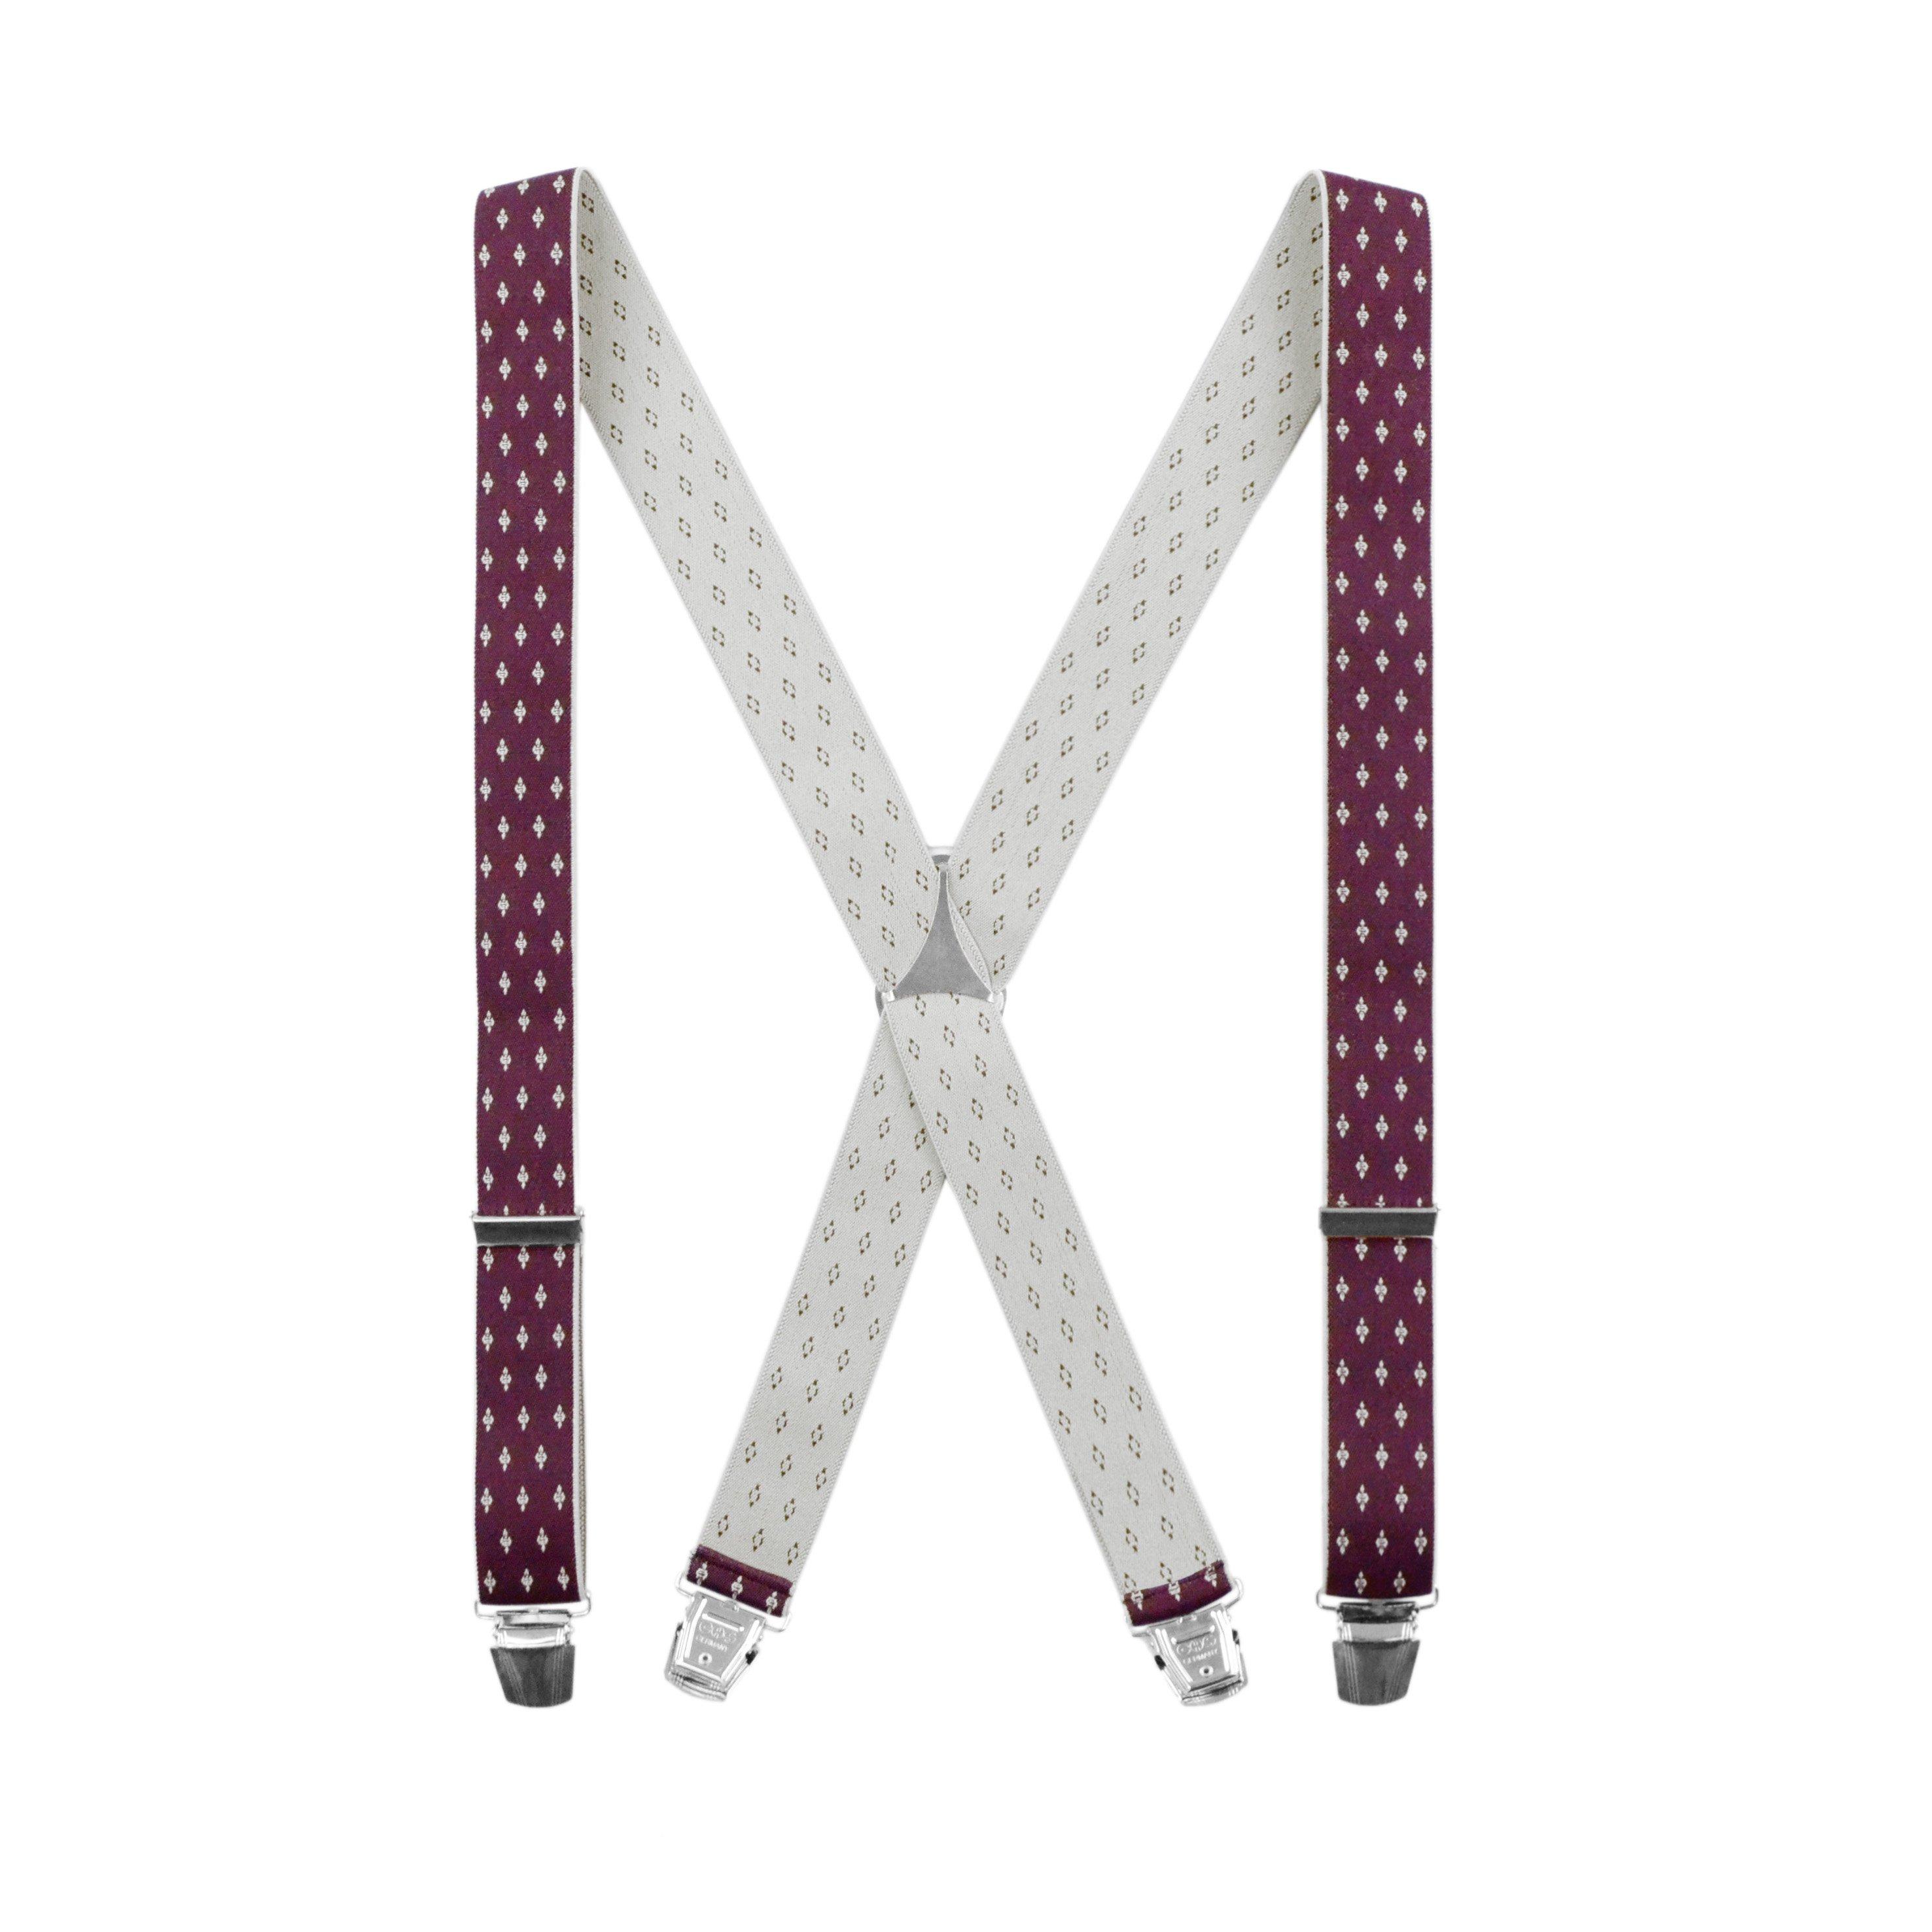 Bretelles spéciales motif Bordeaux